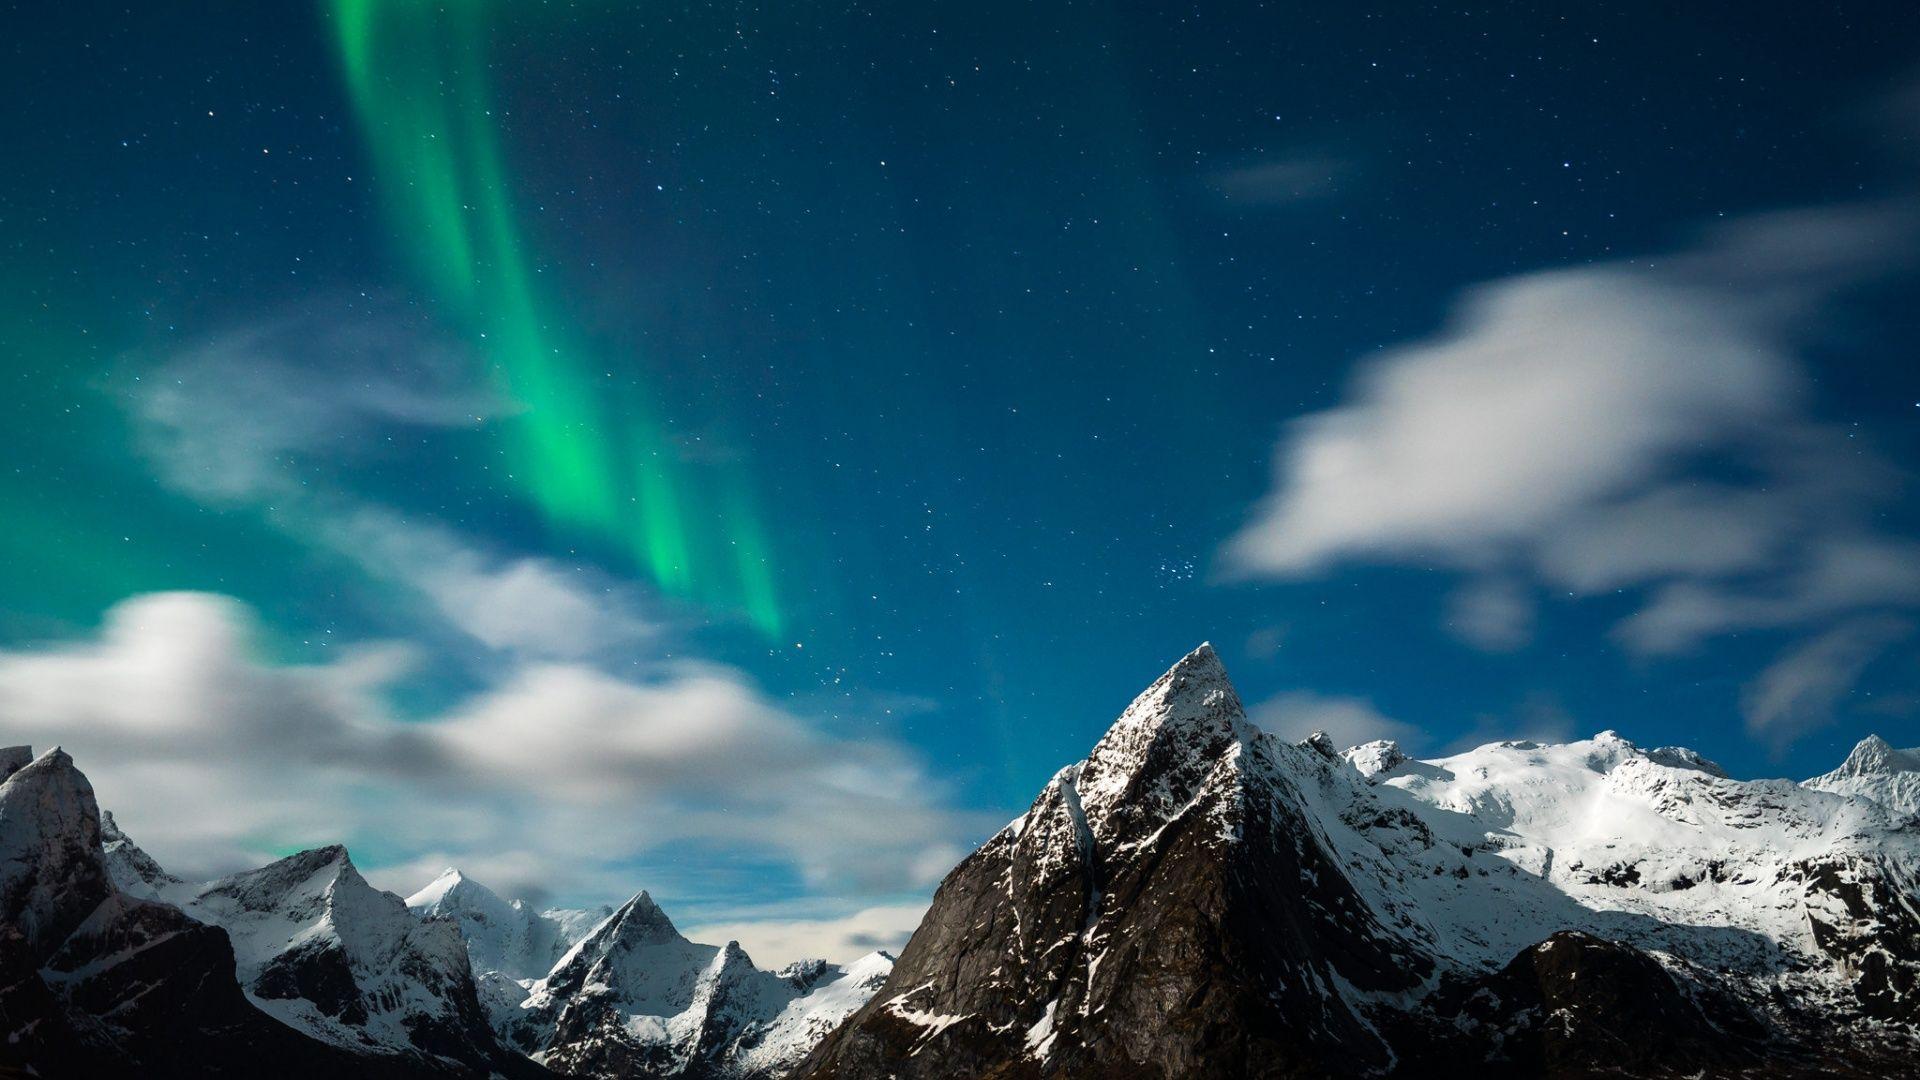 Скачать обои северное сияние, звезды, горы, Норвегия, раздел пейзажи в разрешении 1920x1080